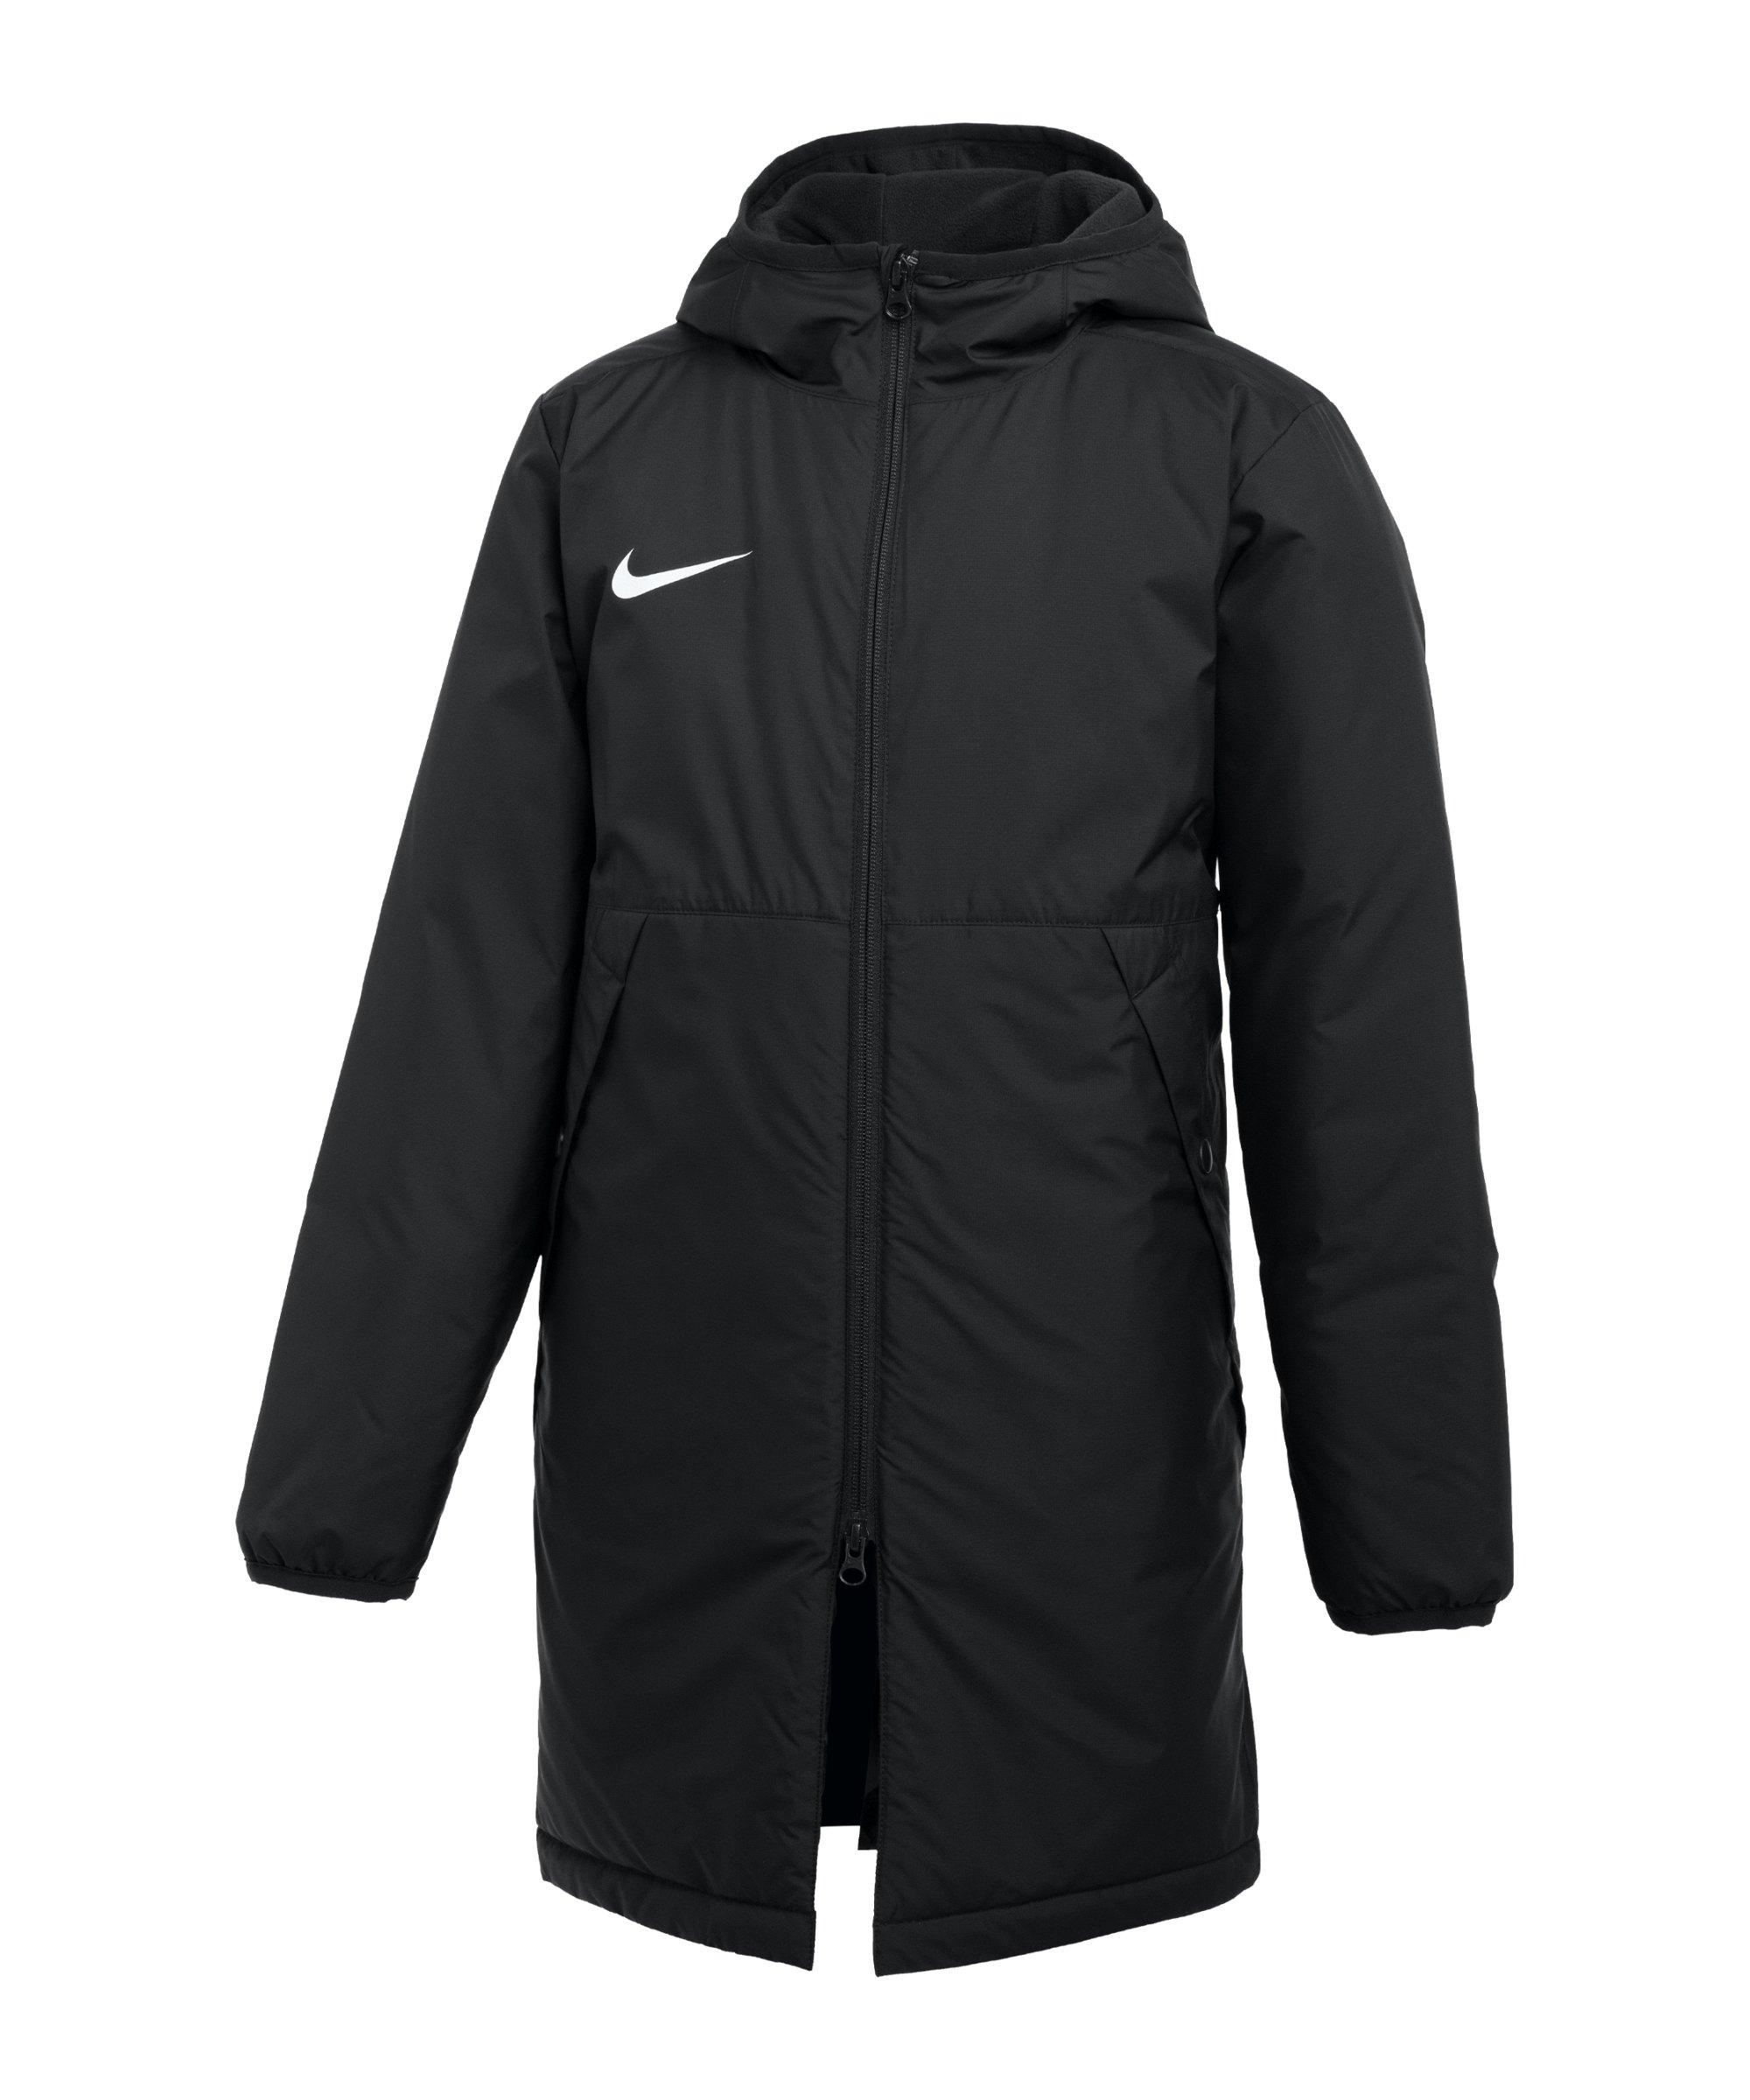 Nike Park 20 Winterjacke Kids Schwarz F010 - schwarz